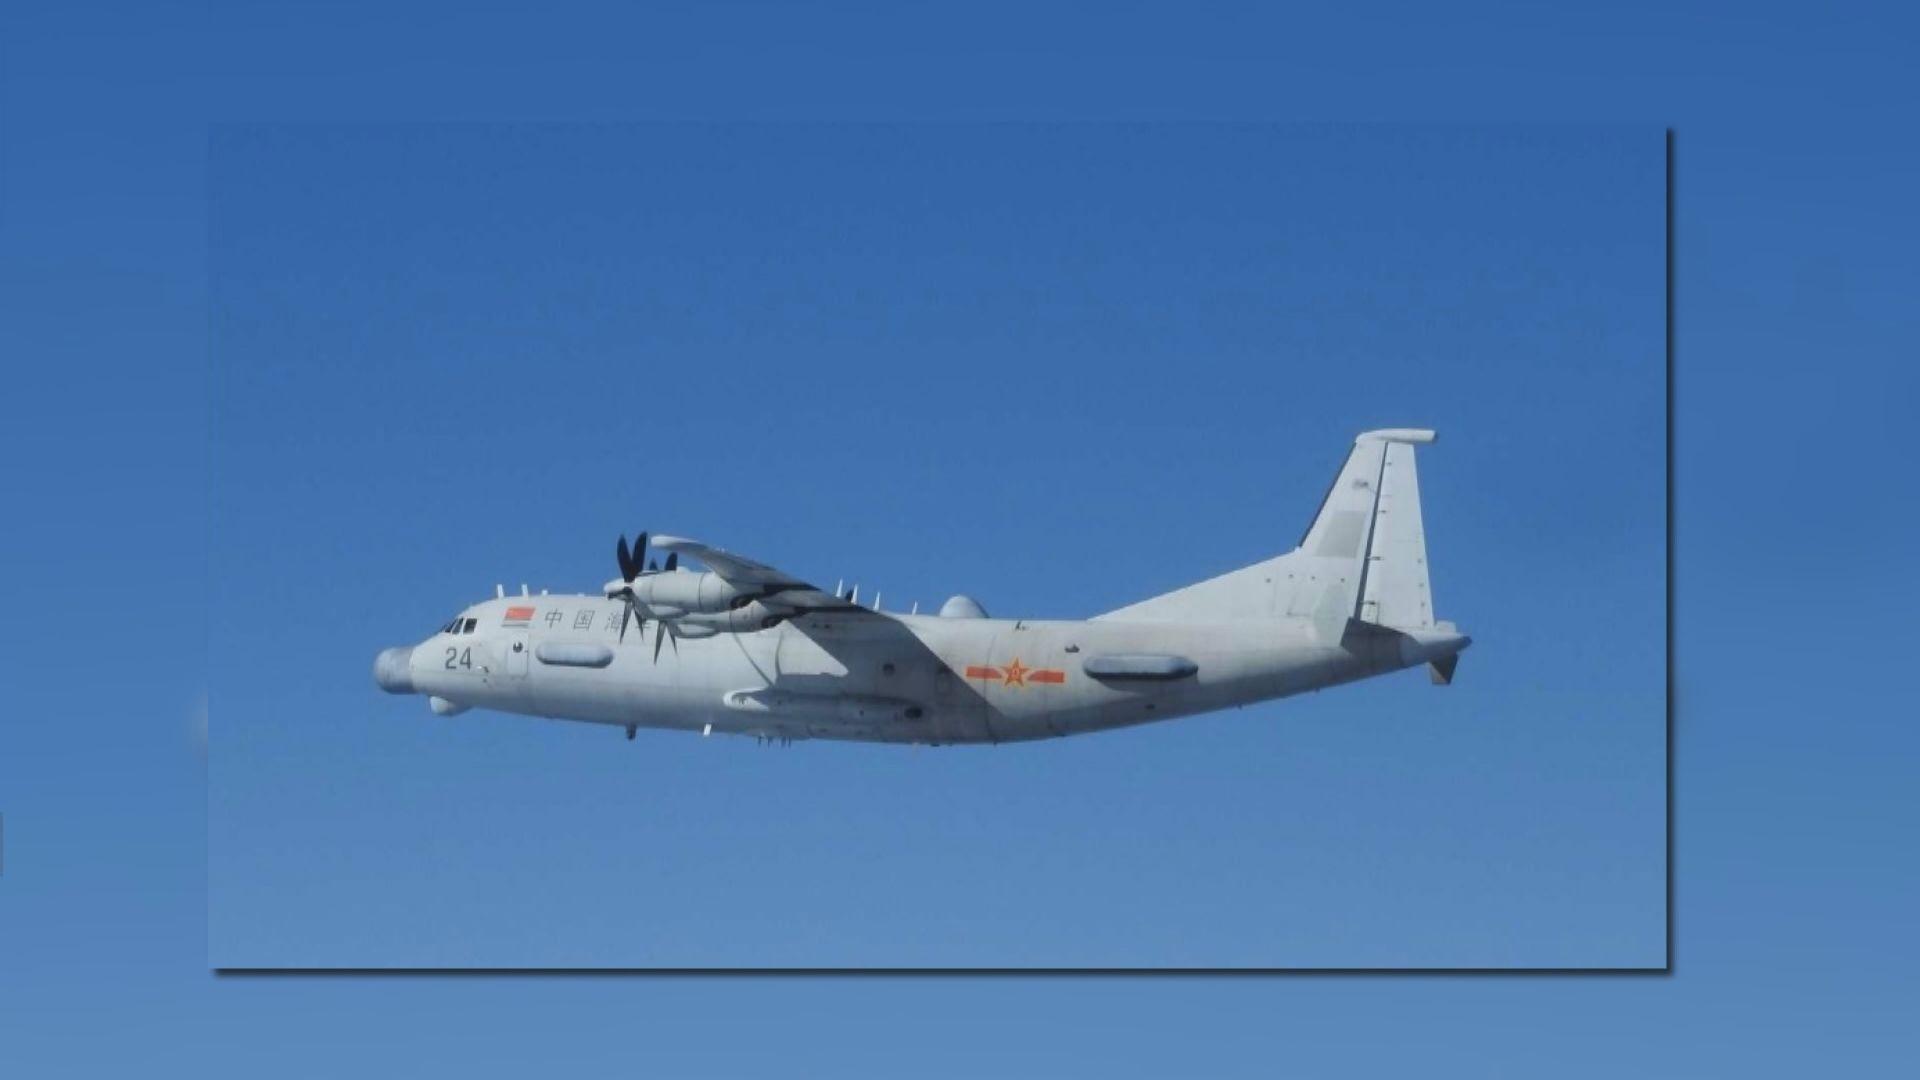 中國軍機飛越宮古海峽 日本戰機一度緊急升空應對